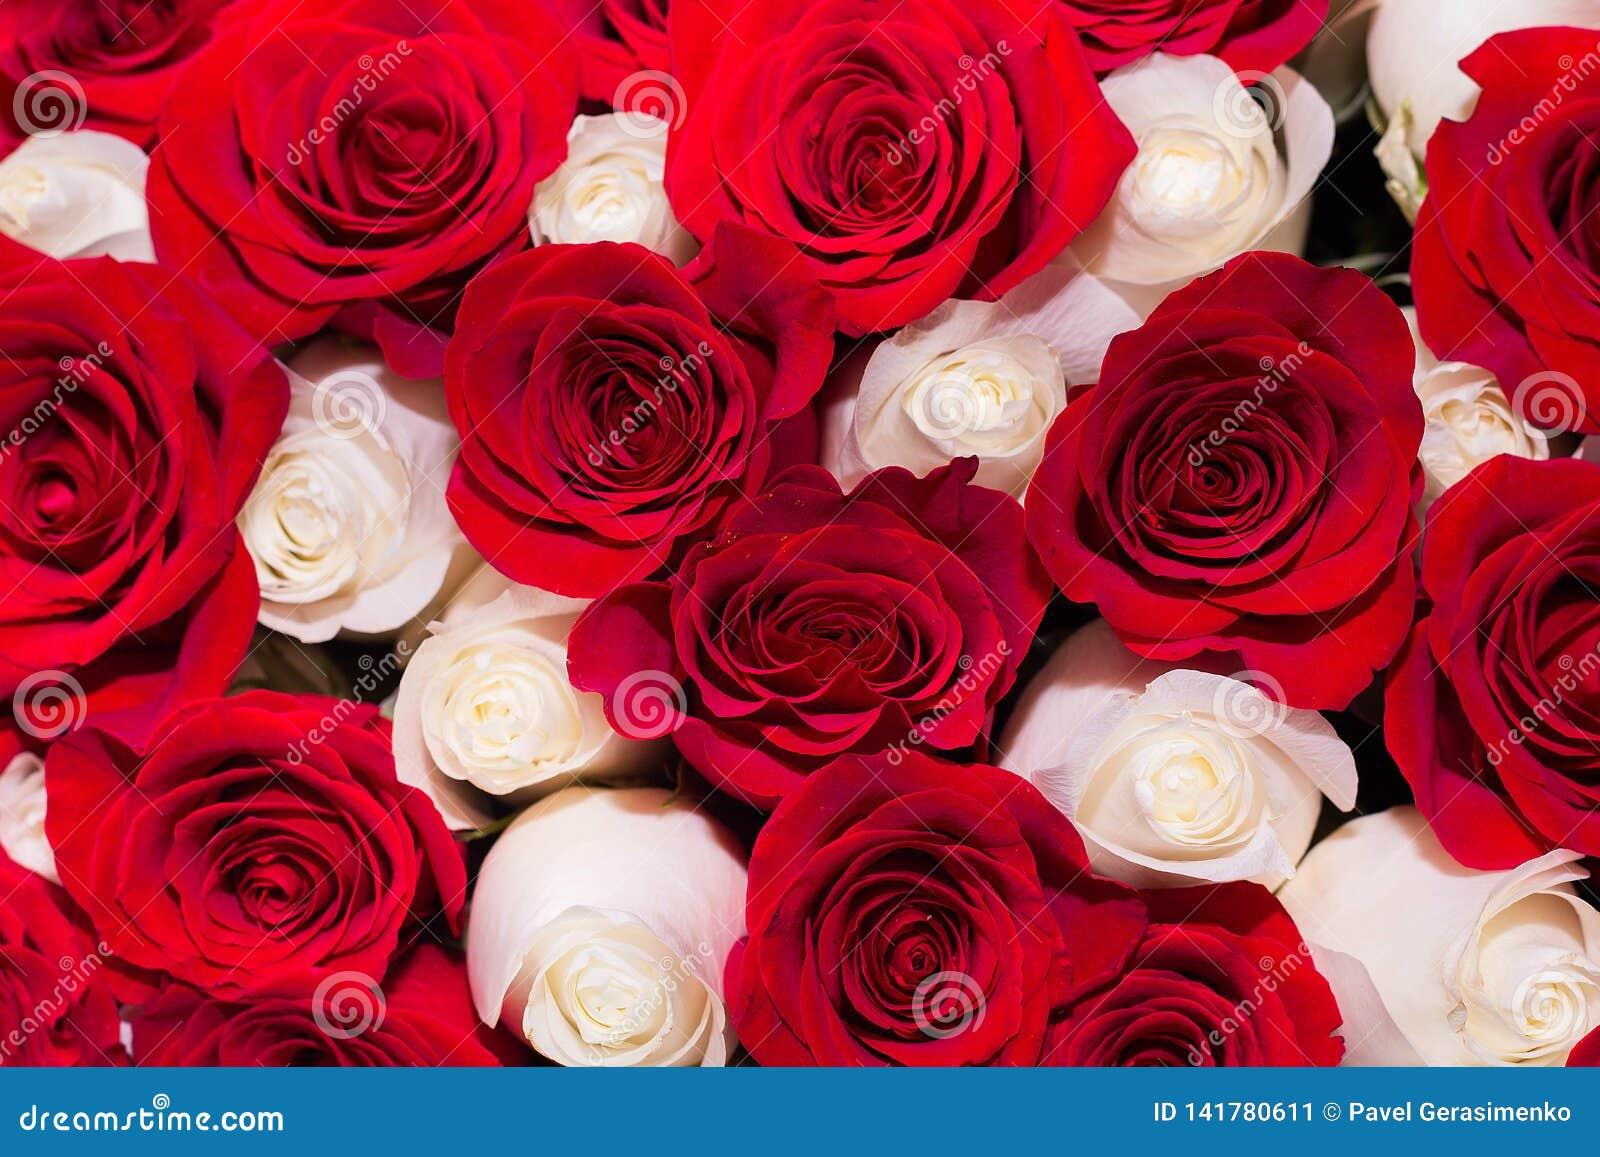 Achtergrond van rode en witte rozen